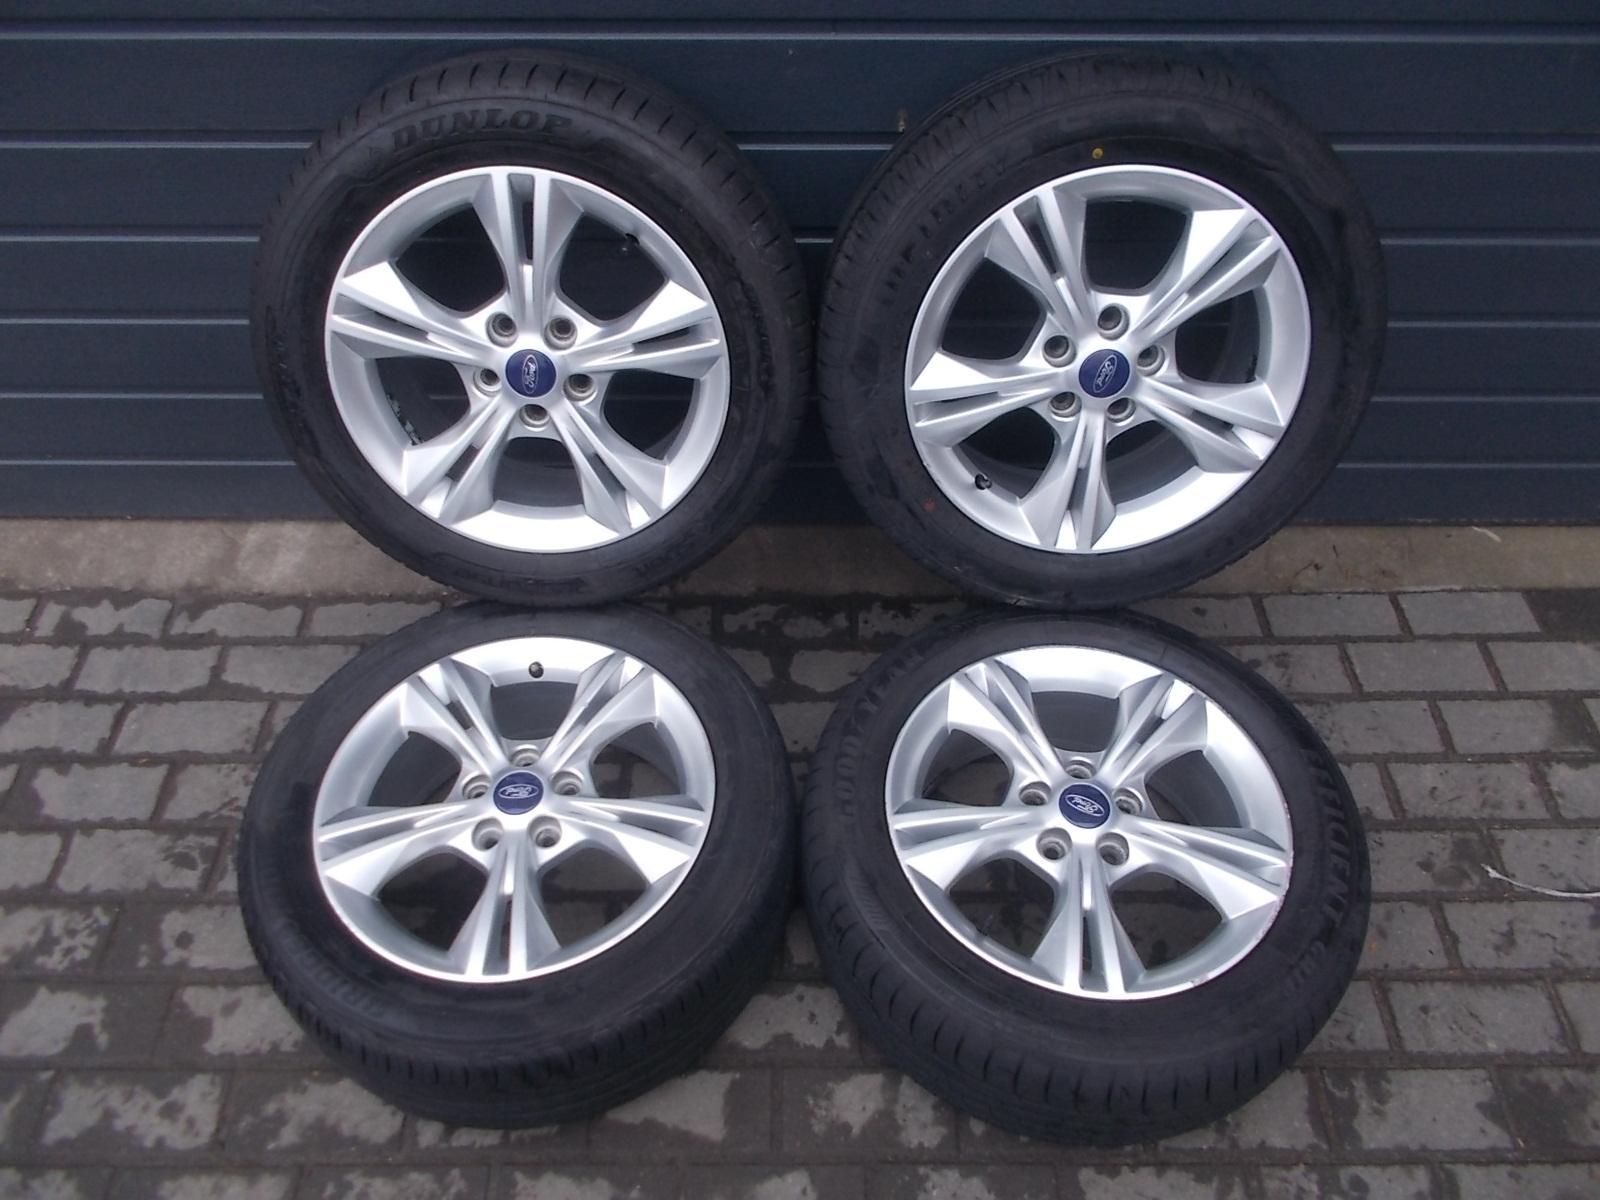 Ford Focus Mk3 C Max Felgi Aluminiowe Alufelgi 16 7245849841